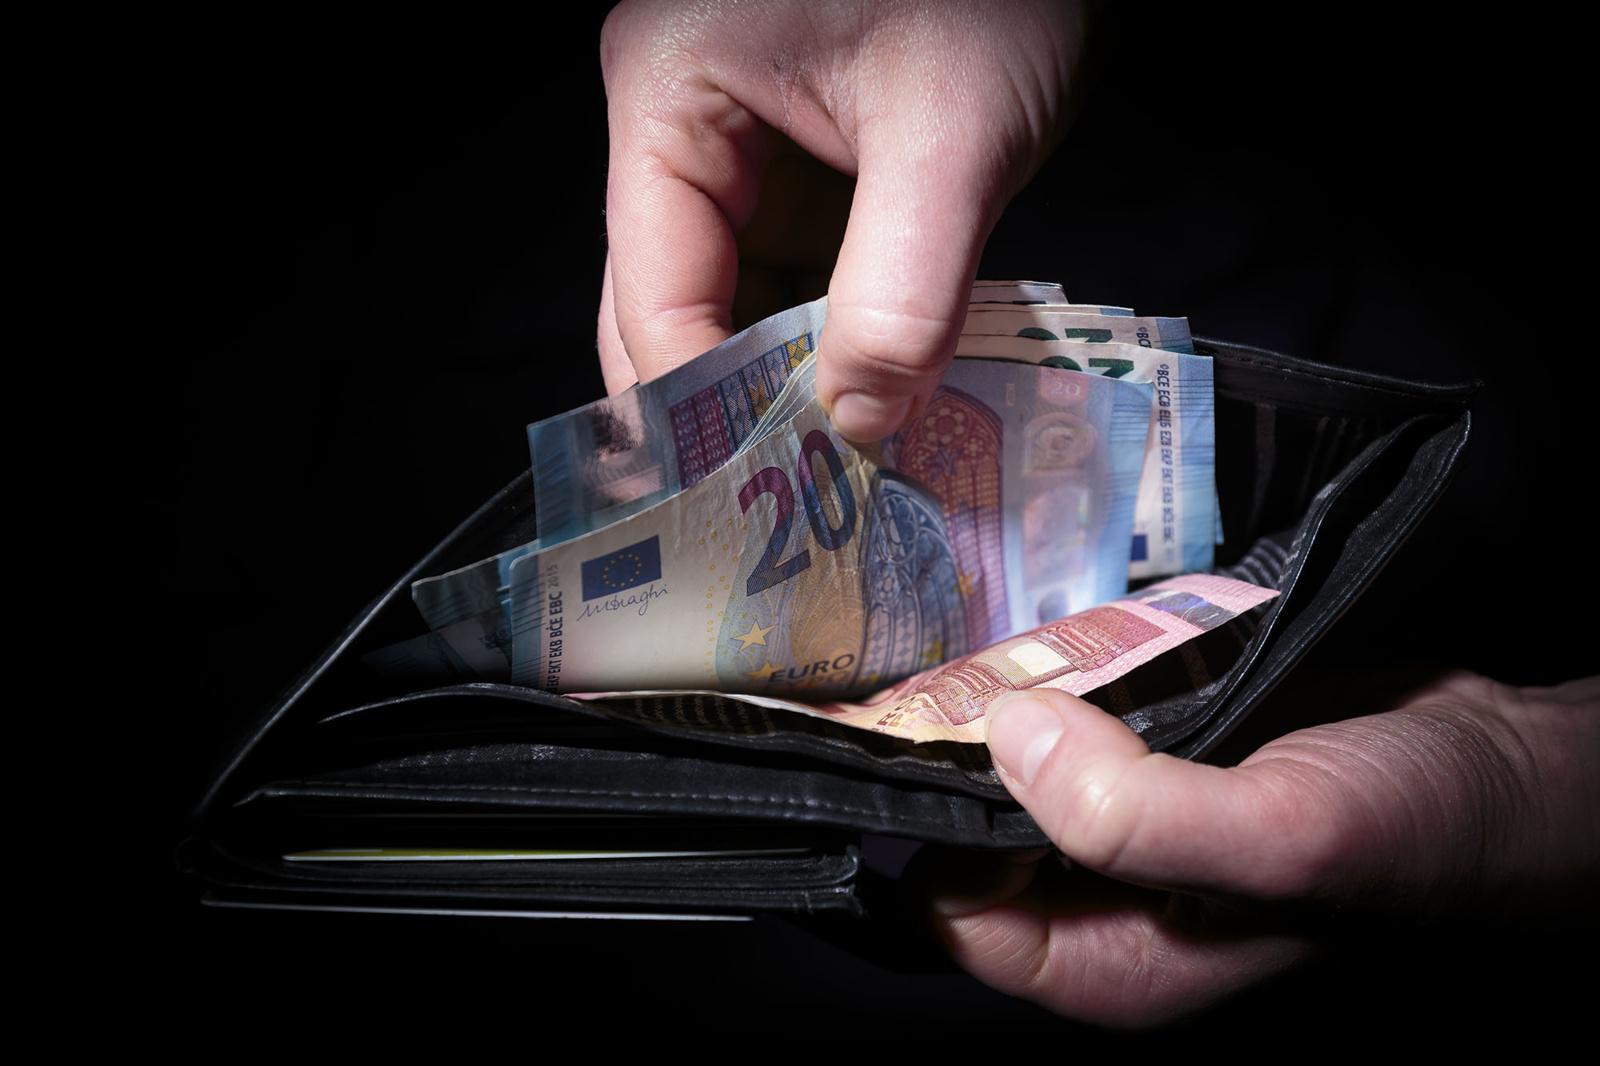 Pareigūnu apsimetęs vyras iš moters išviliojo daugiau nei 5000 eurų